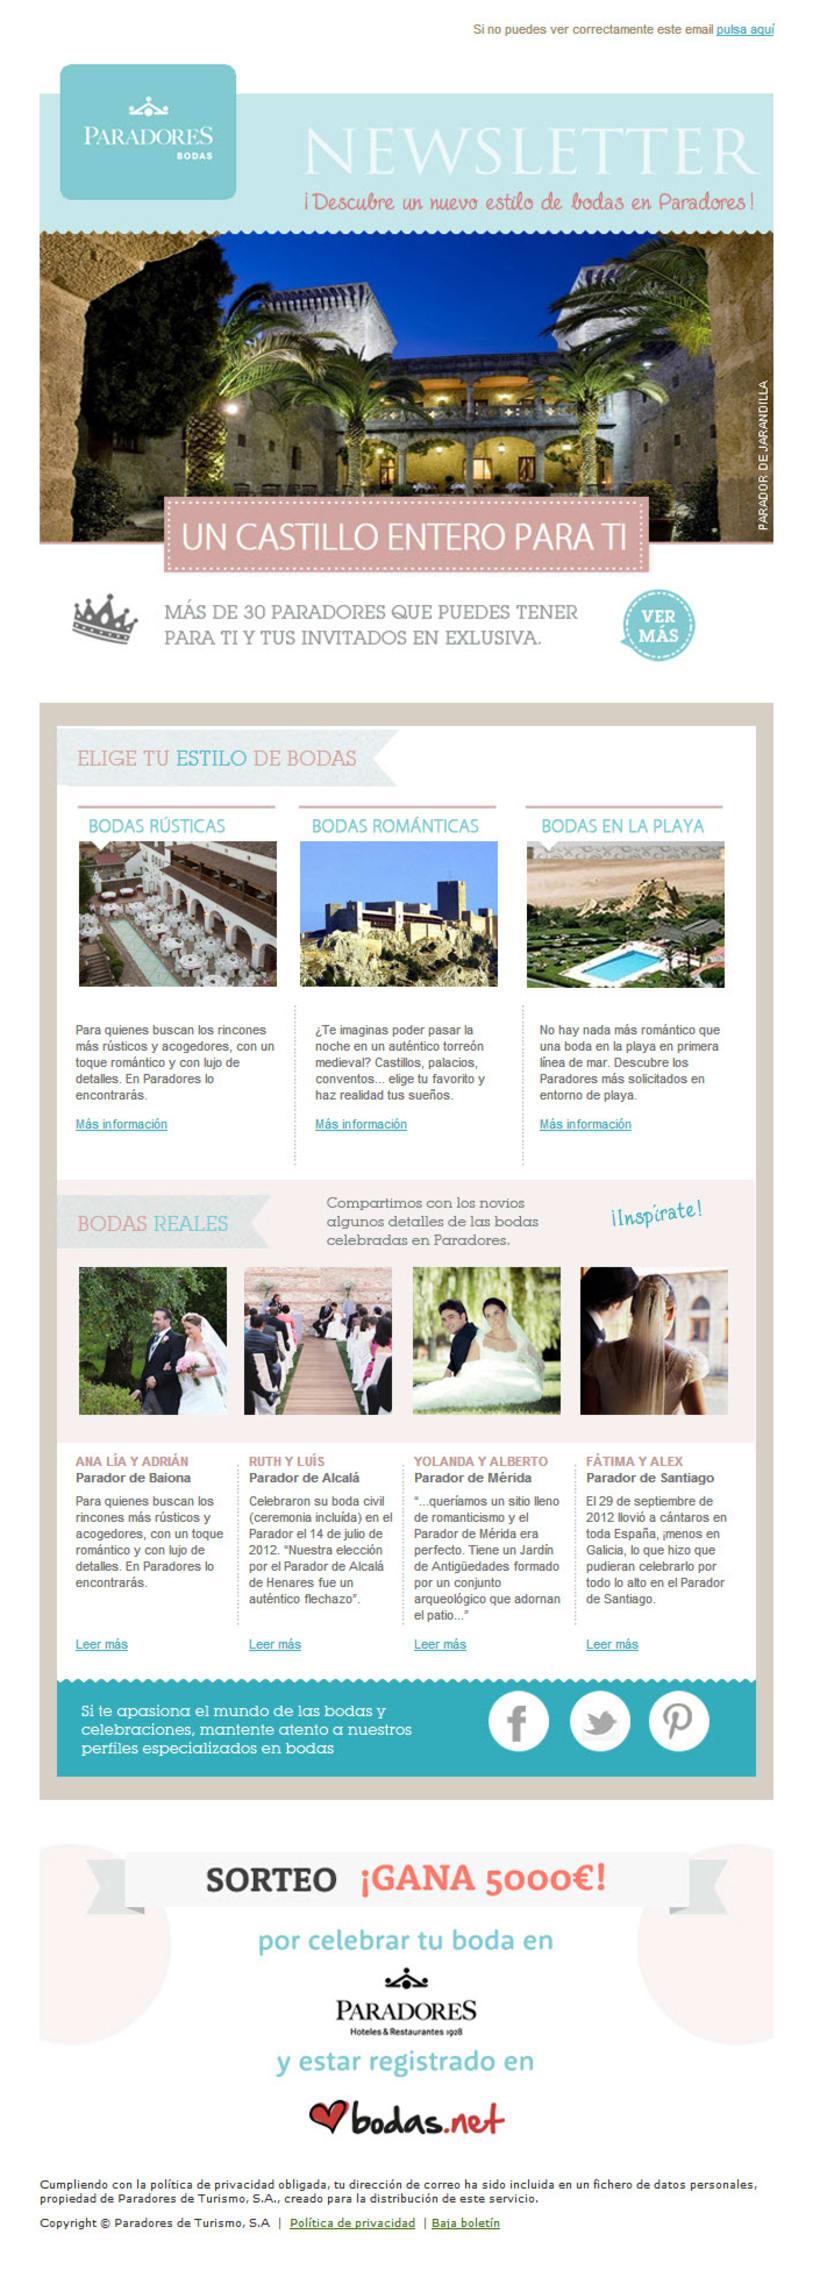 Newsletters temática Bodas - diseño y maquetación html 0